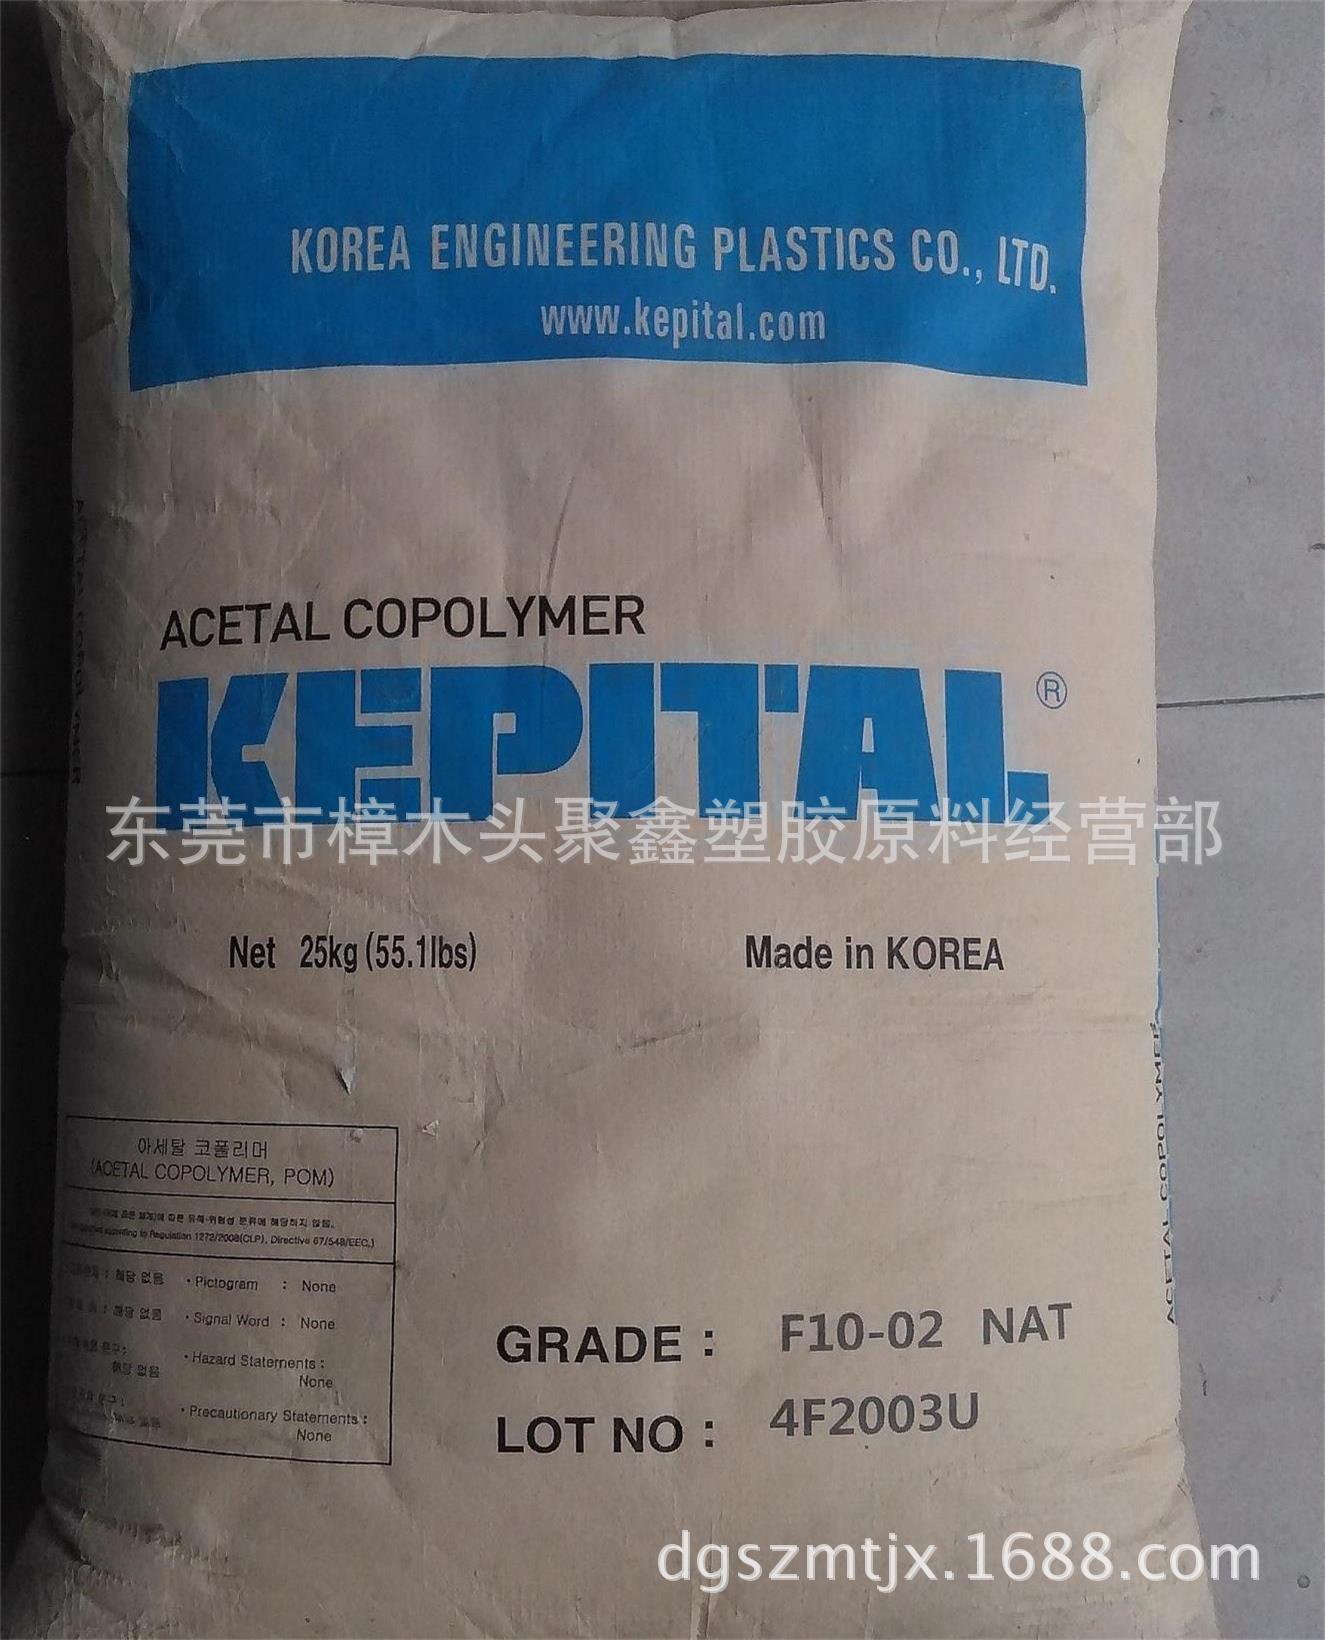 GR-30非凡光滑剂 韩国工程塑料 注塑级 耐磨,增强级 品牌经销